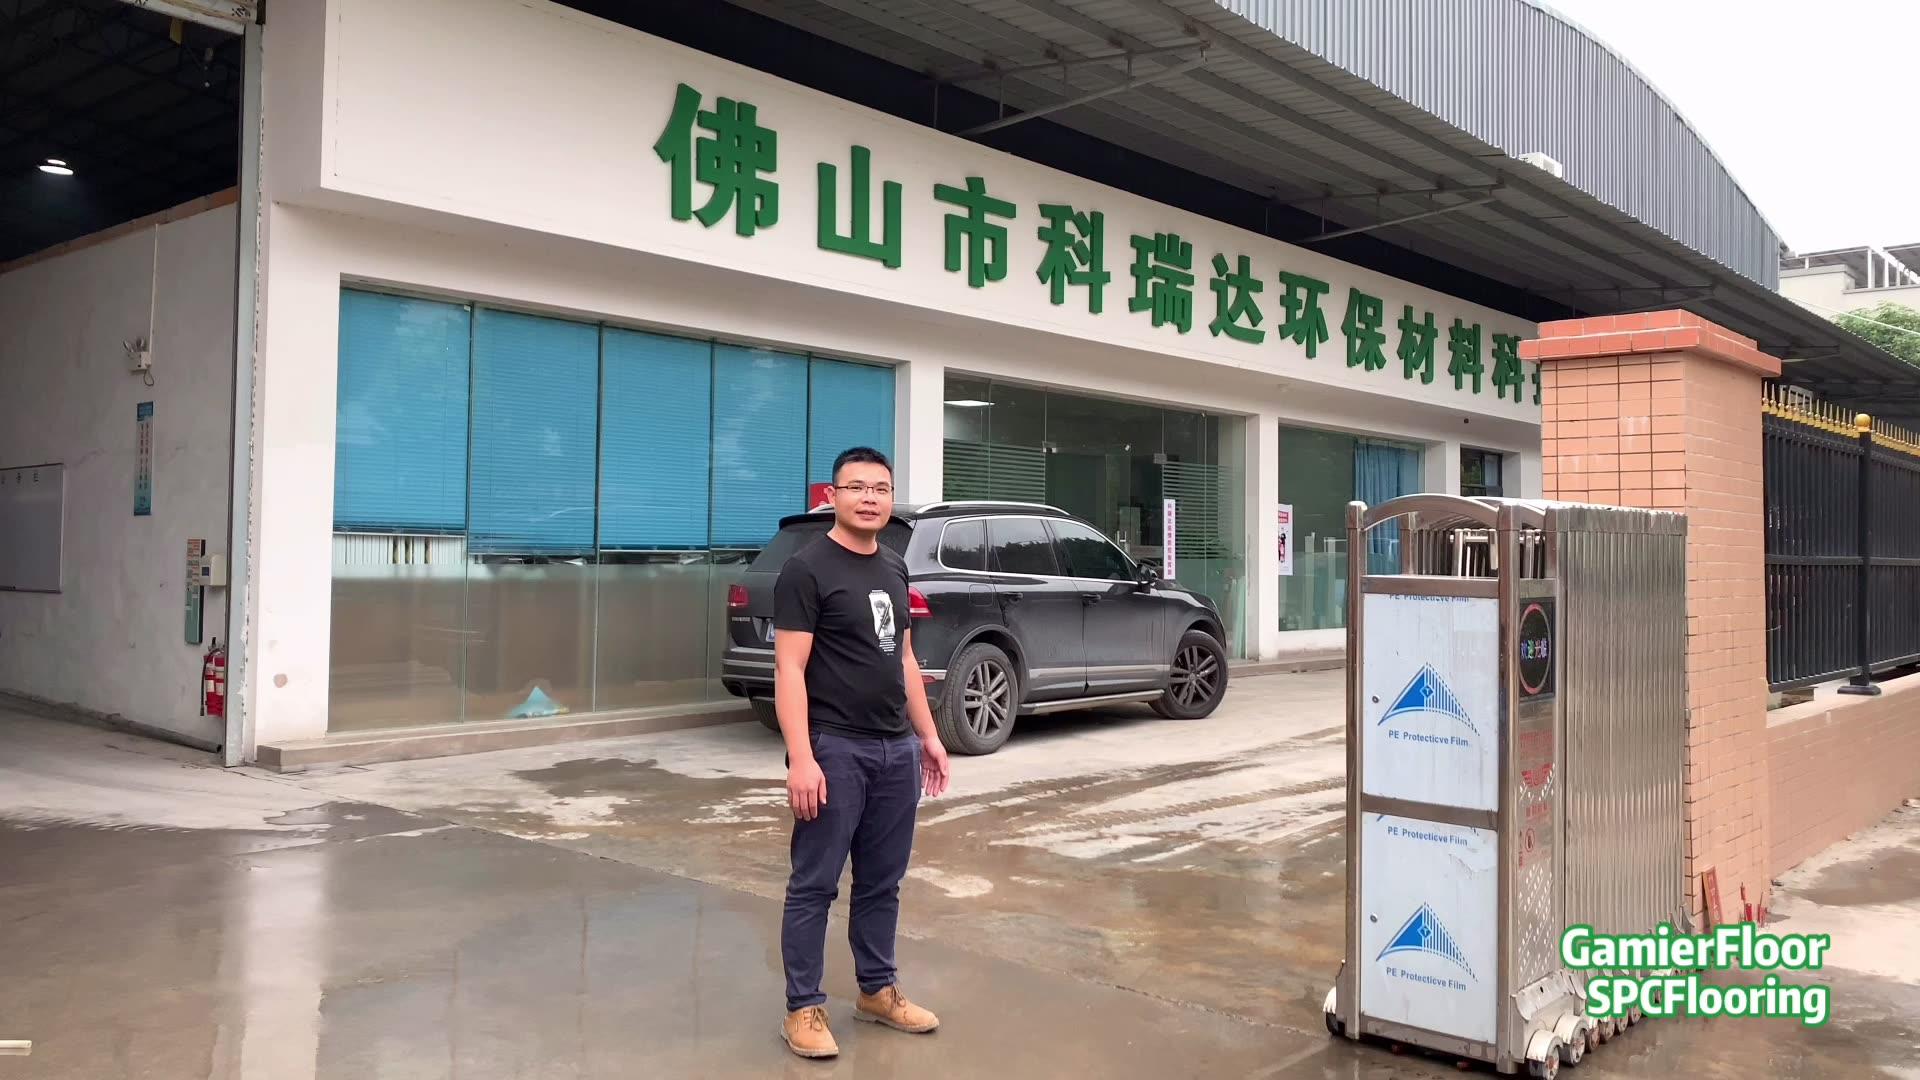 최고 품질 화재 방수 내구성 플라스틱 PVC 비닐 바닥 나무 라미네이트 바닥